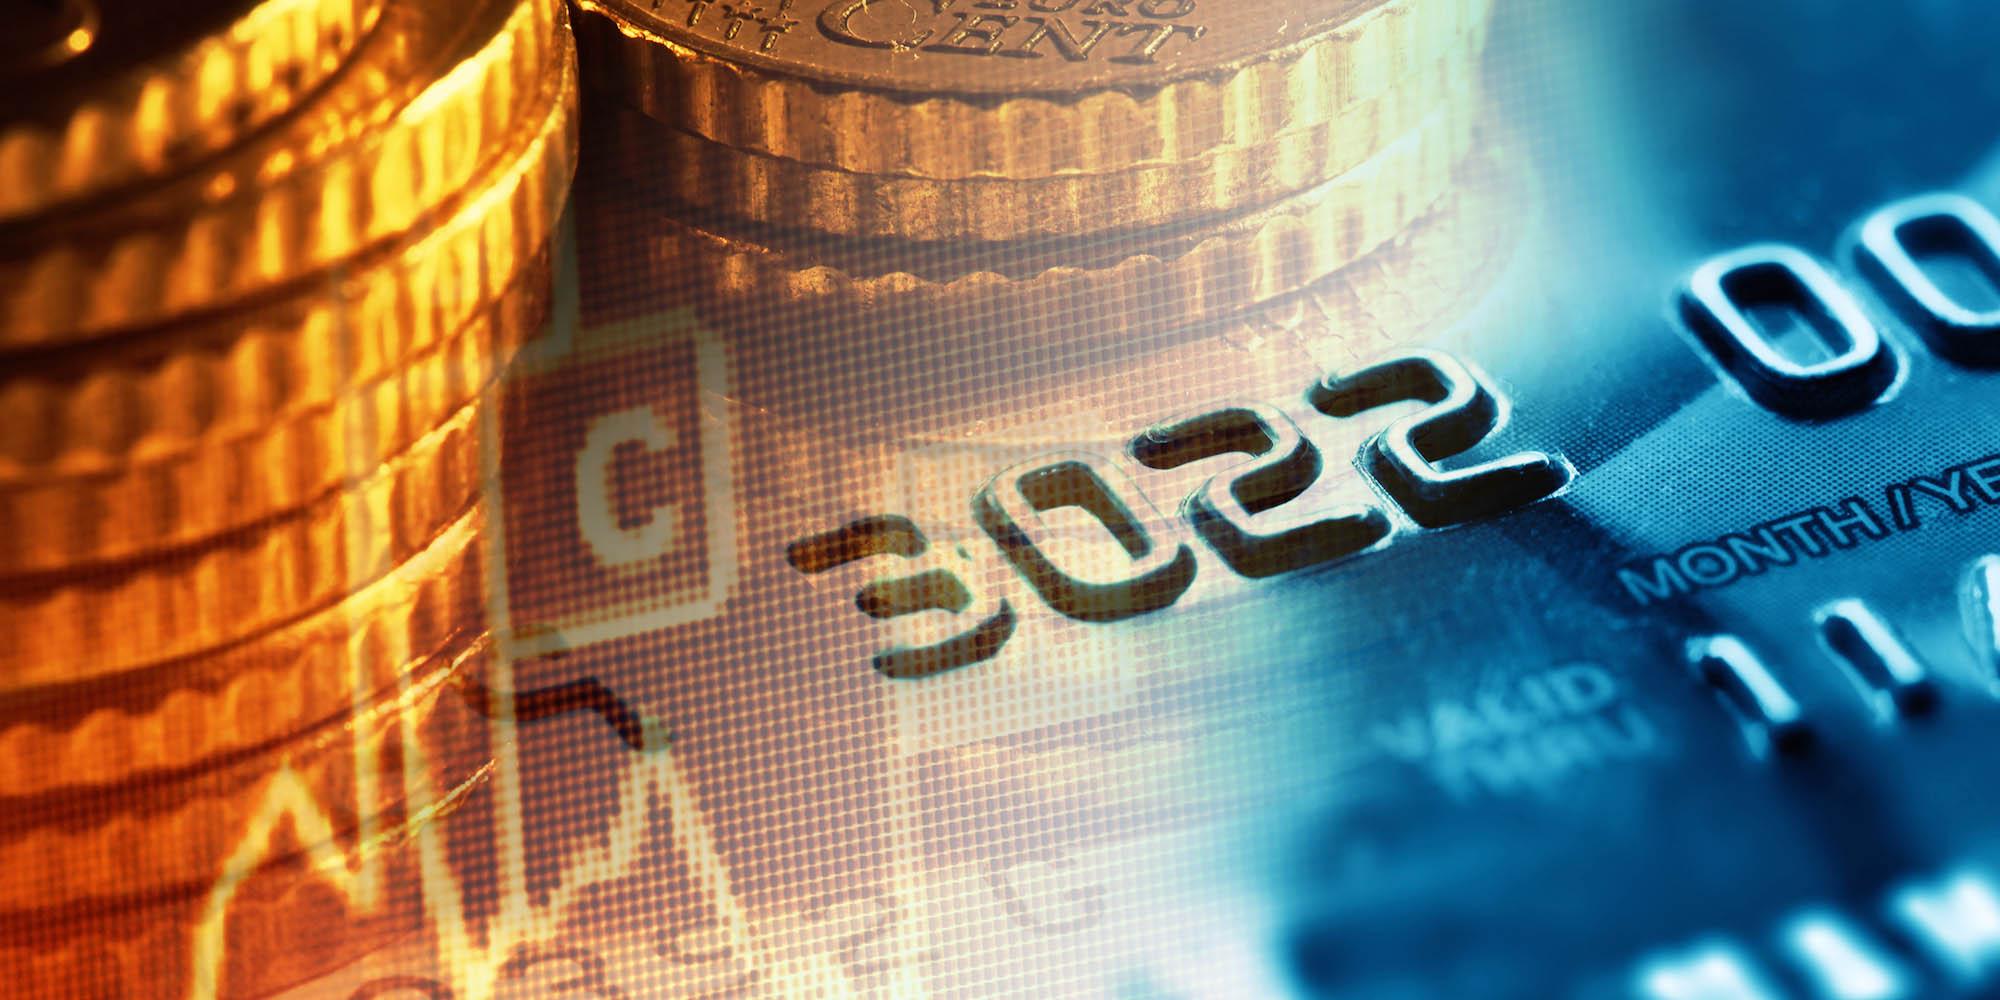 ارائه کارت اعتباری خرید ۲۰ تا ۵۰ میلیون ریالی/ کارمزد صفر برای بازپرداختهای یک ماهه